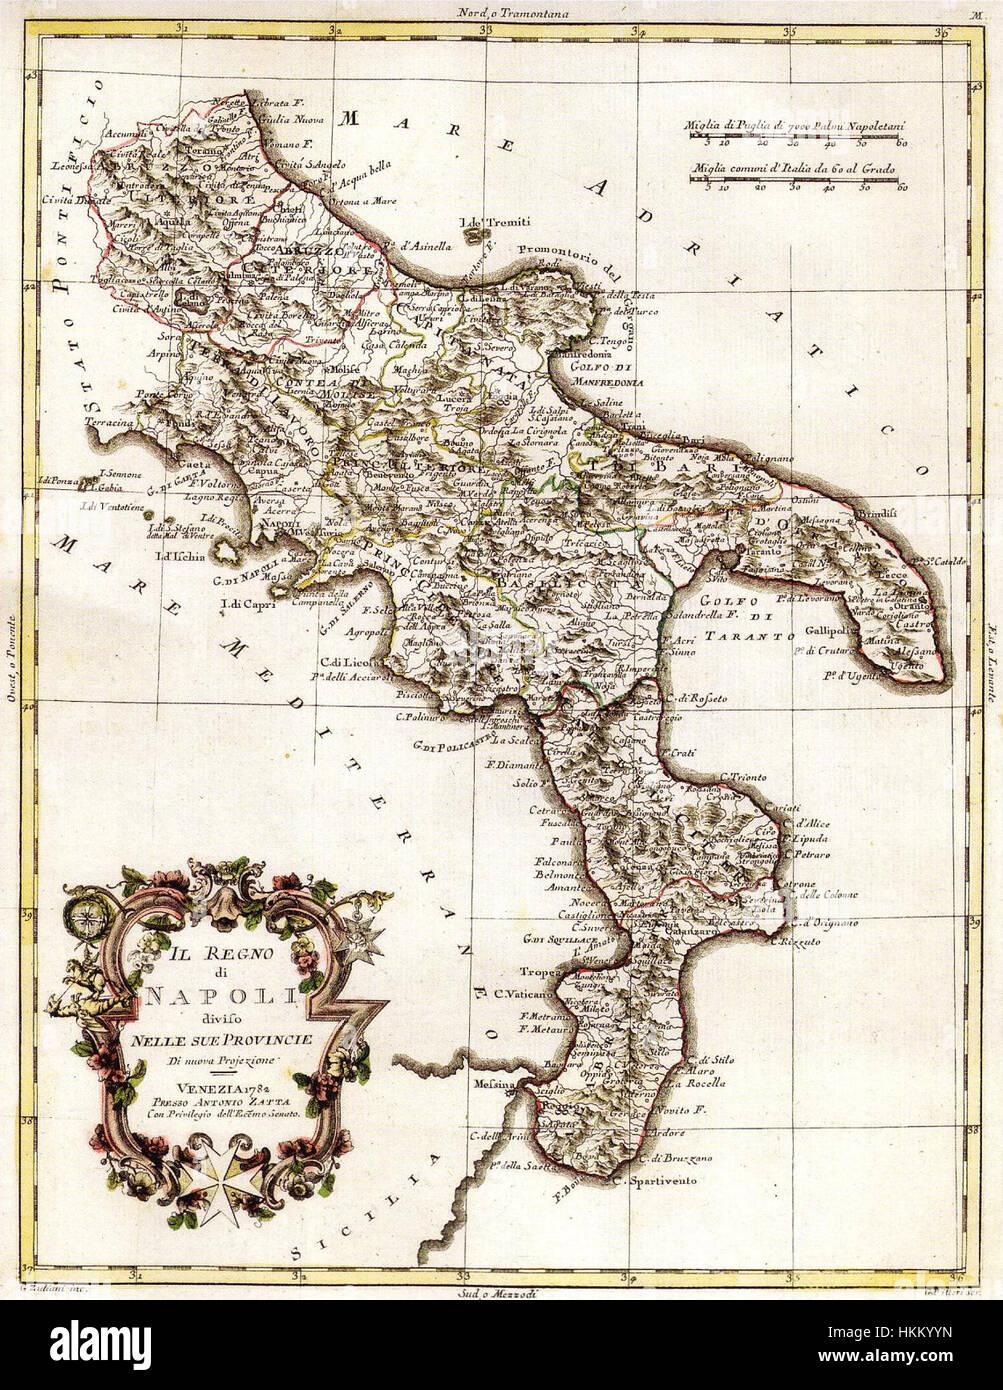 Cartina 1400.A Zatta Il Regno Di Napoli Diviso Nelle Sue Provincie 1782 Stock Photo Alamy